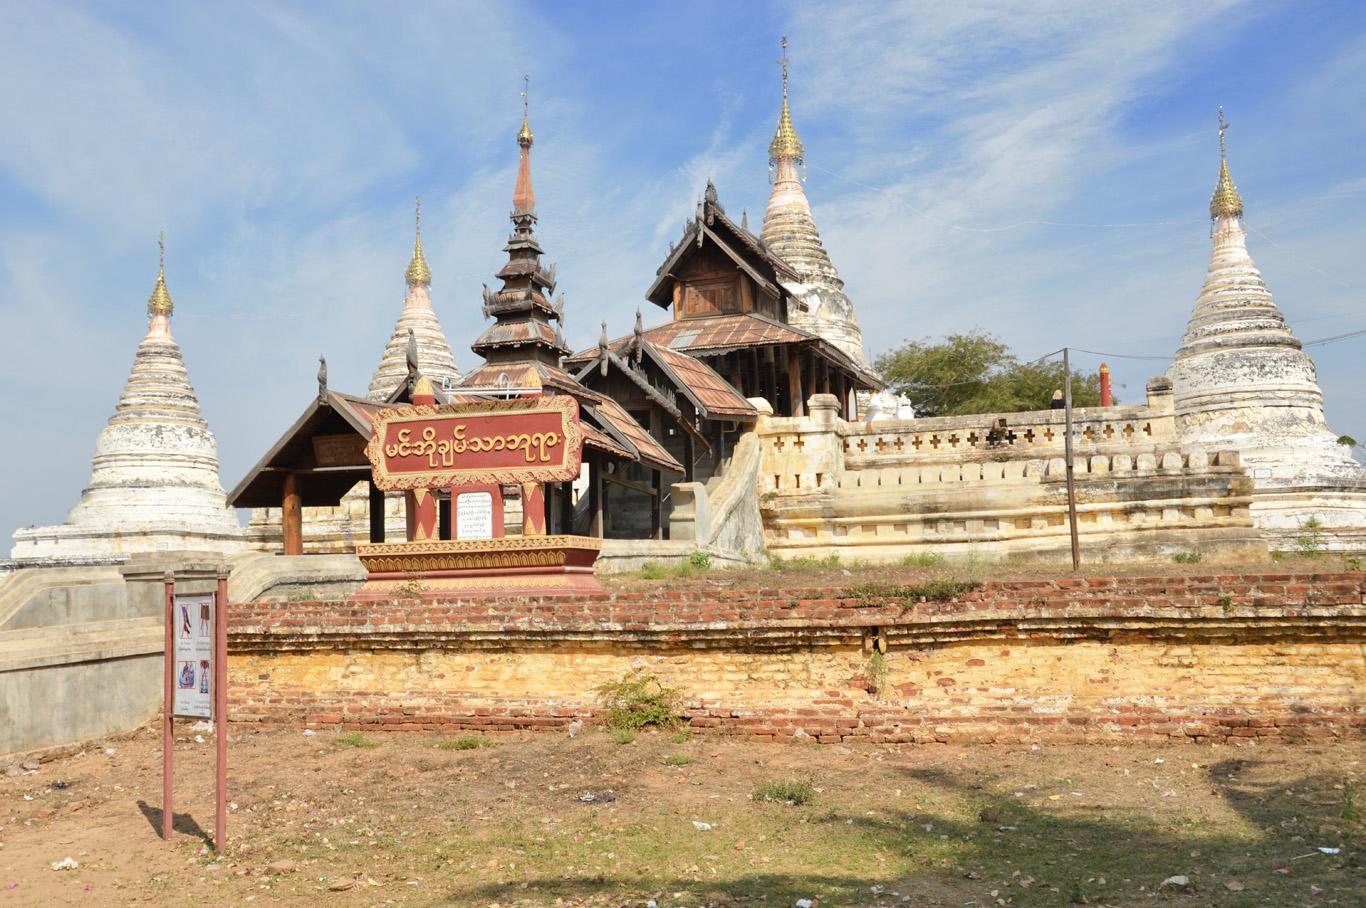 Min O Char Thar Pagoda